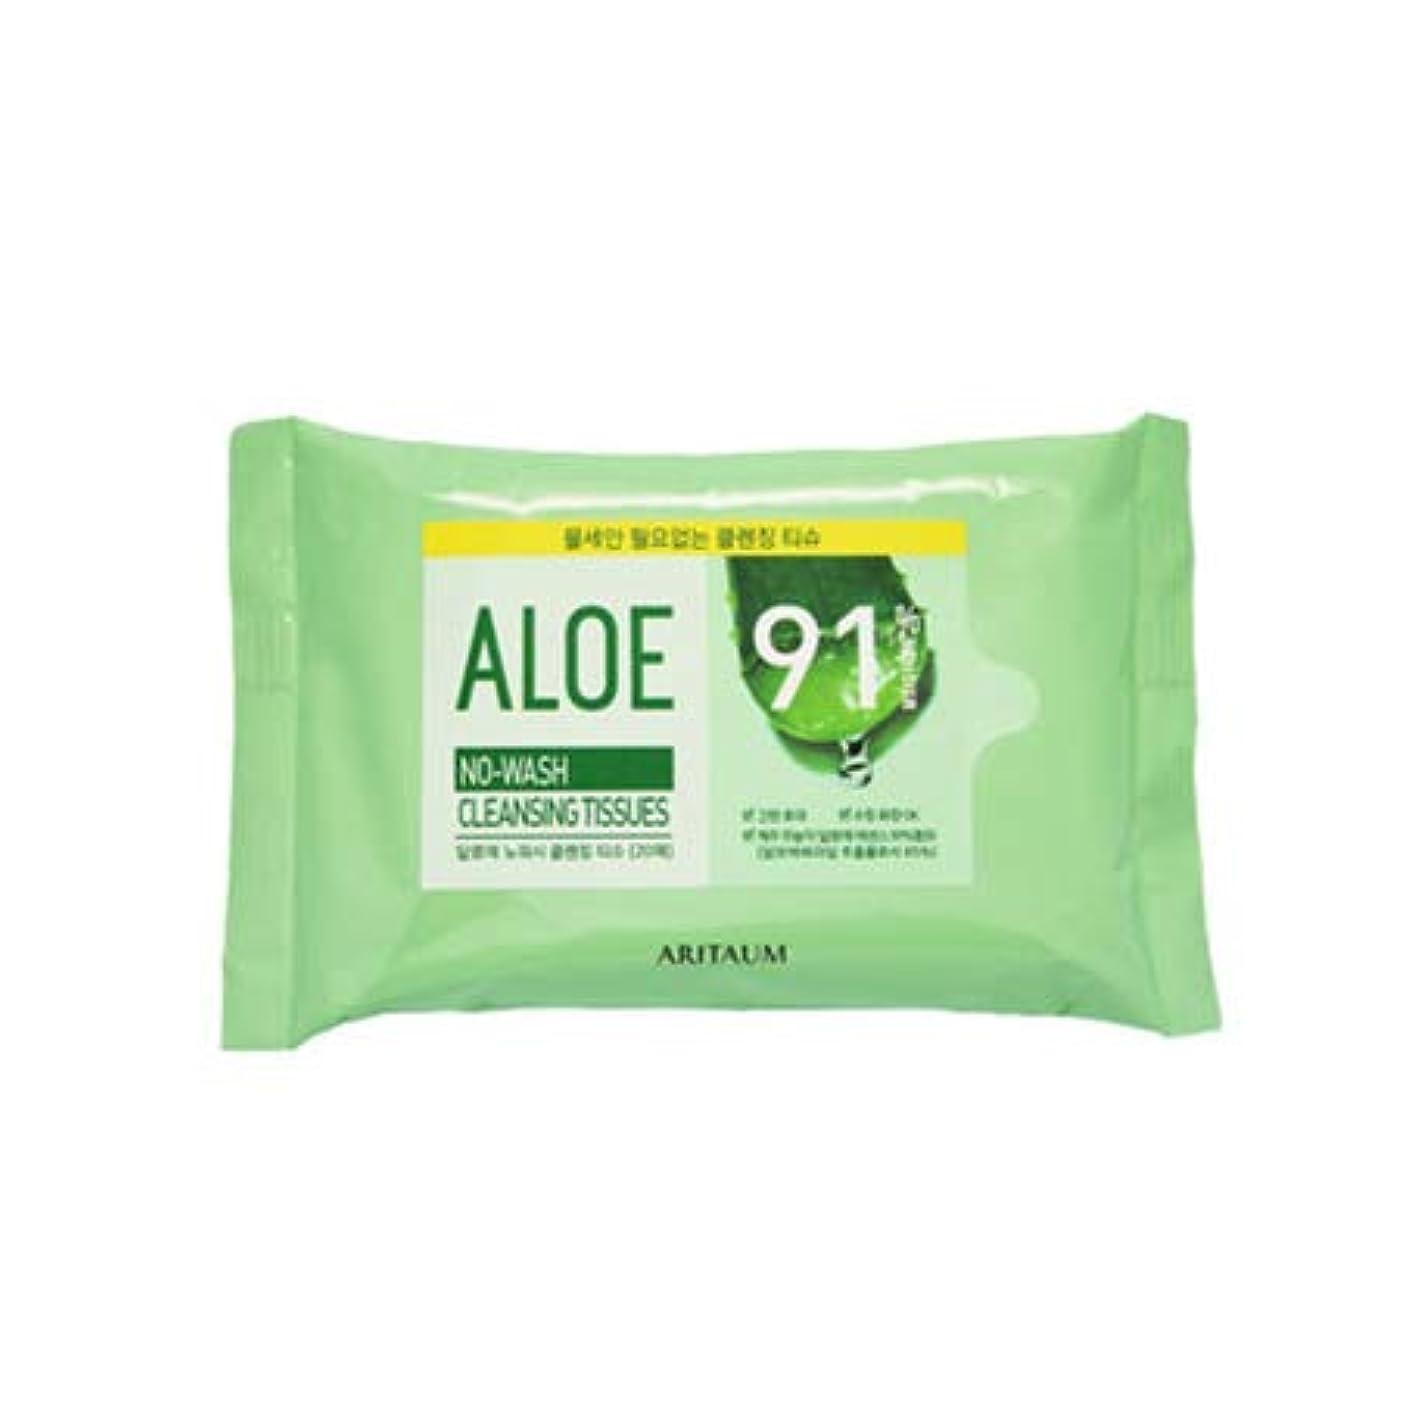 乱す親指午後【アリタウム.aritaum]アロエノーウォッシュクレンジングティッシュ20枚(2019.07 new)×2ea/ aloe no wash cleansing tissue(20sheet×2ea) (20 sheet)